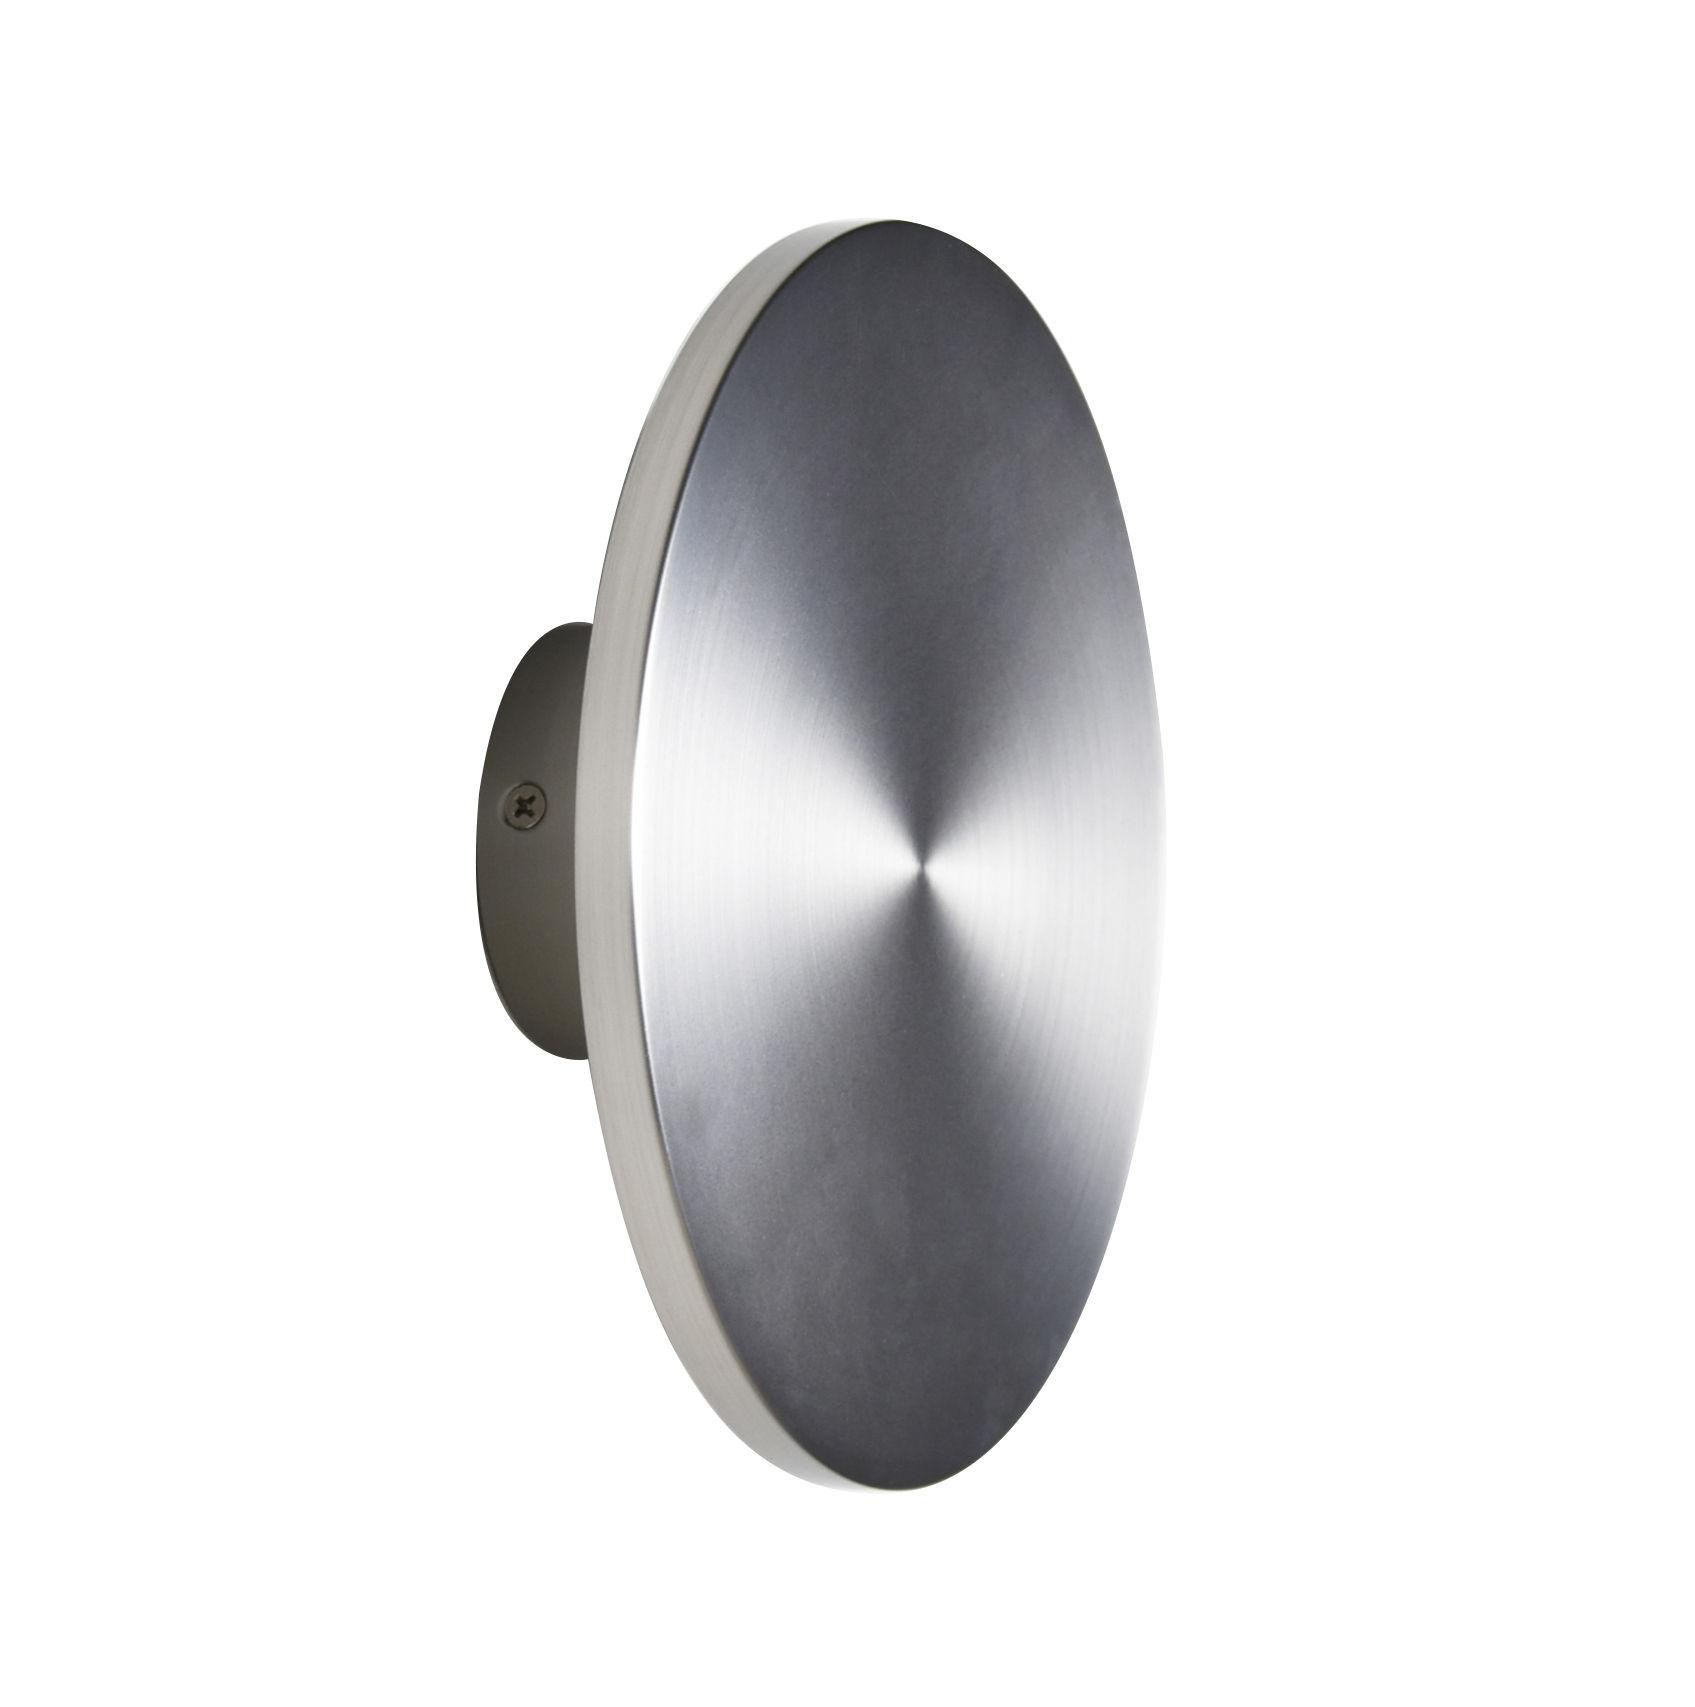 Luminaire - Appliques - Applique Zenith Medium / LED - Ø 20 cm - Métal - ENOstudio - Argent - Acier inoxydable